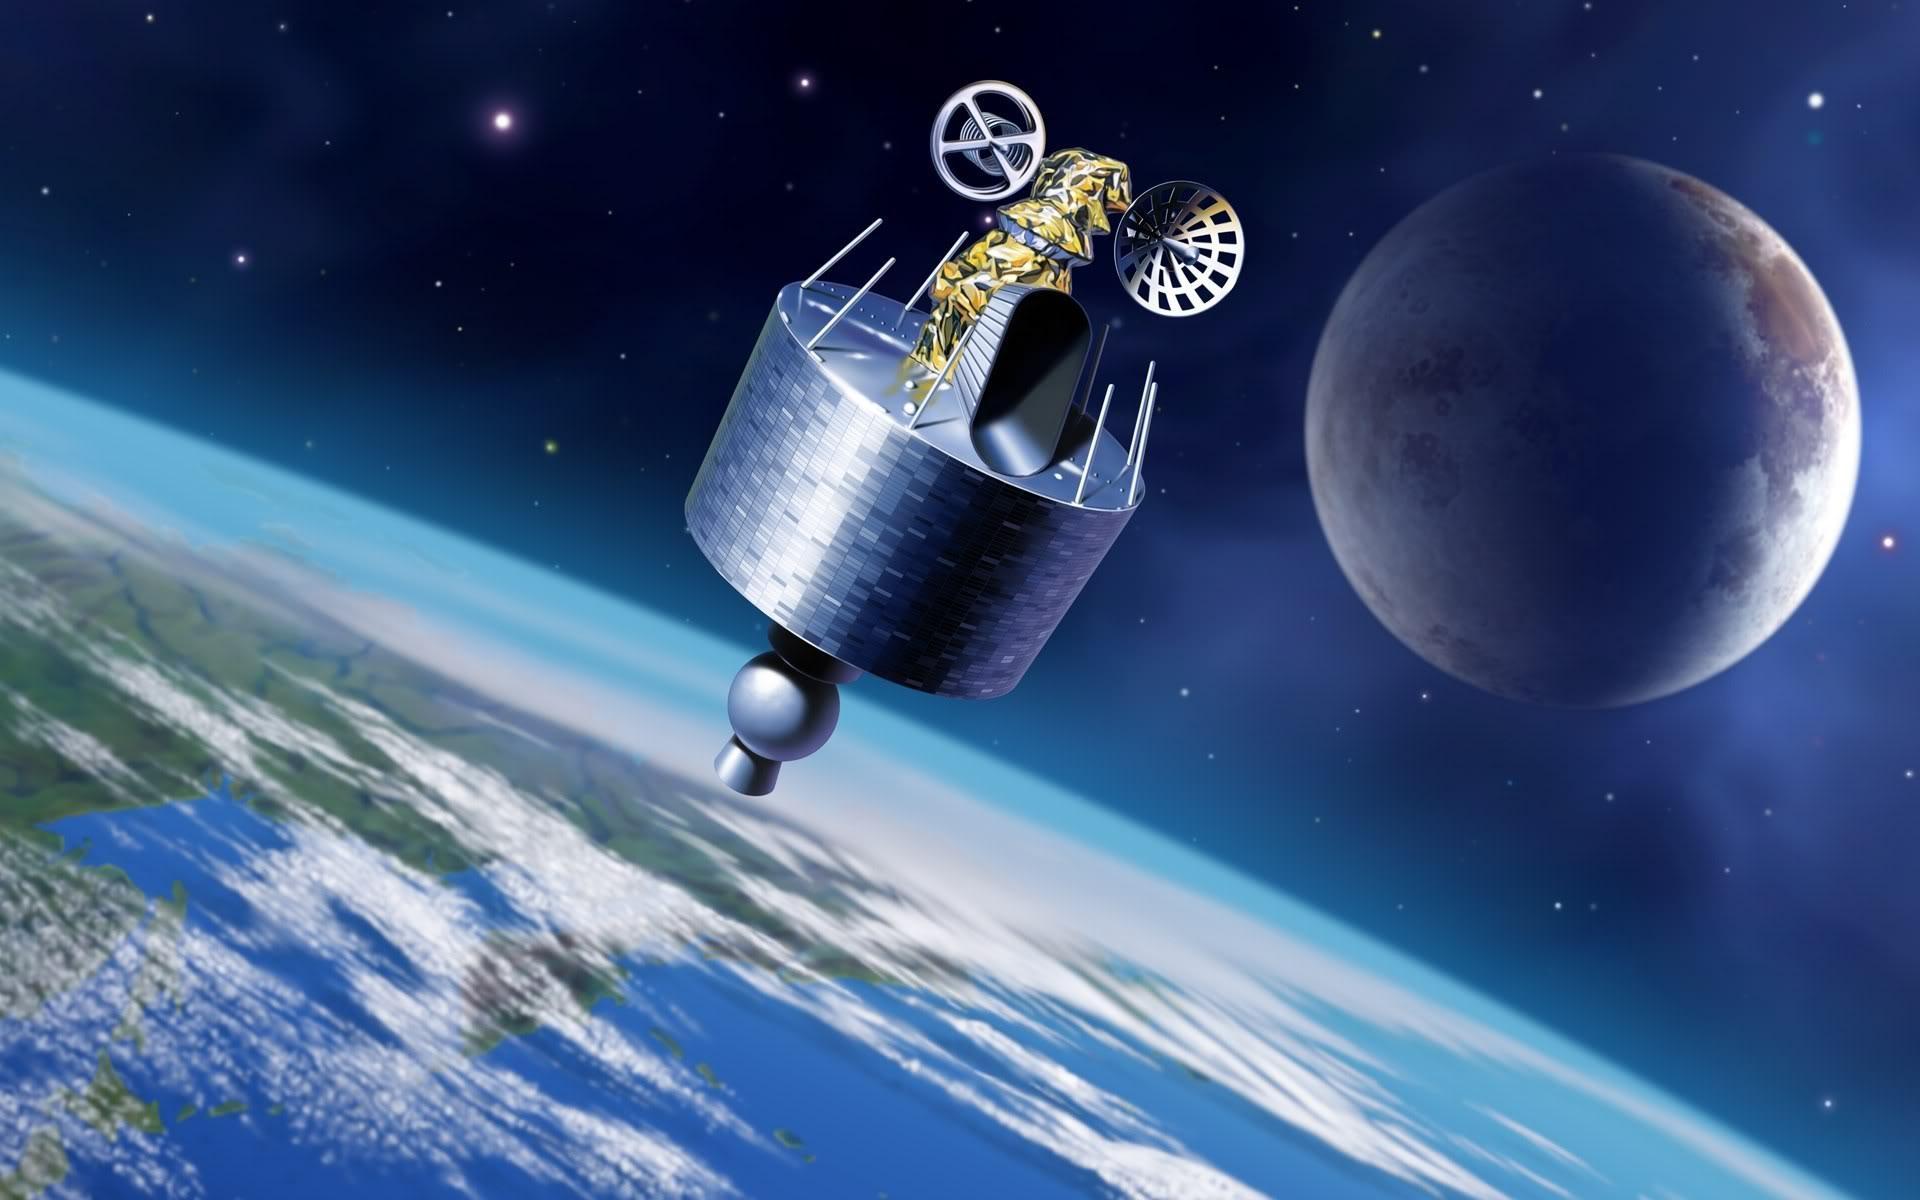 Обои Планеты и спутники над землей картинки на рабочий стол на тему Космос - скачать скачать